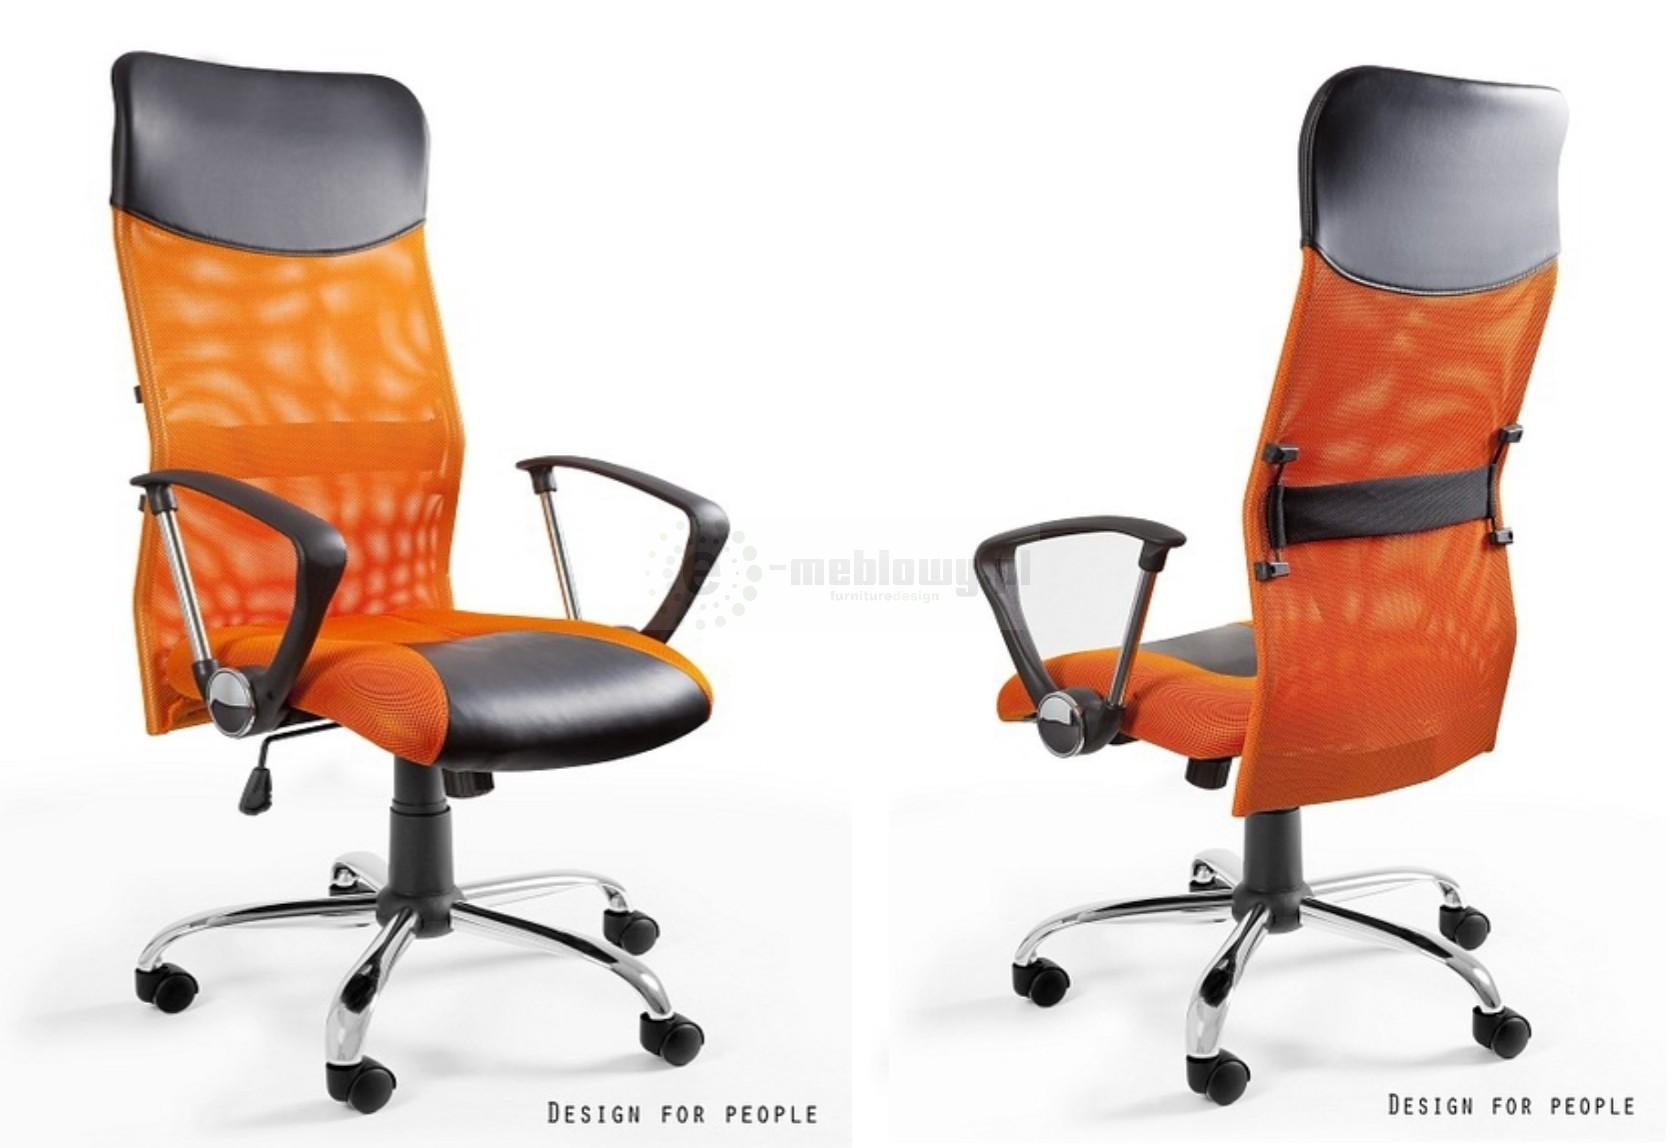 Viper Fotel Biurowy Krzesła Biurowe Tanie Fotele Biurowe